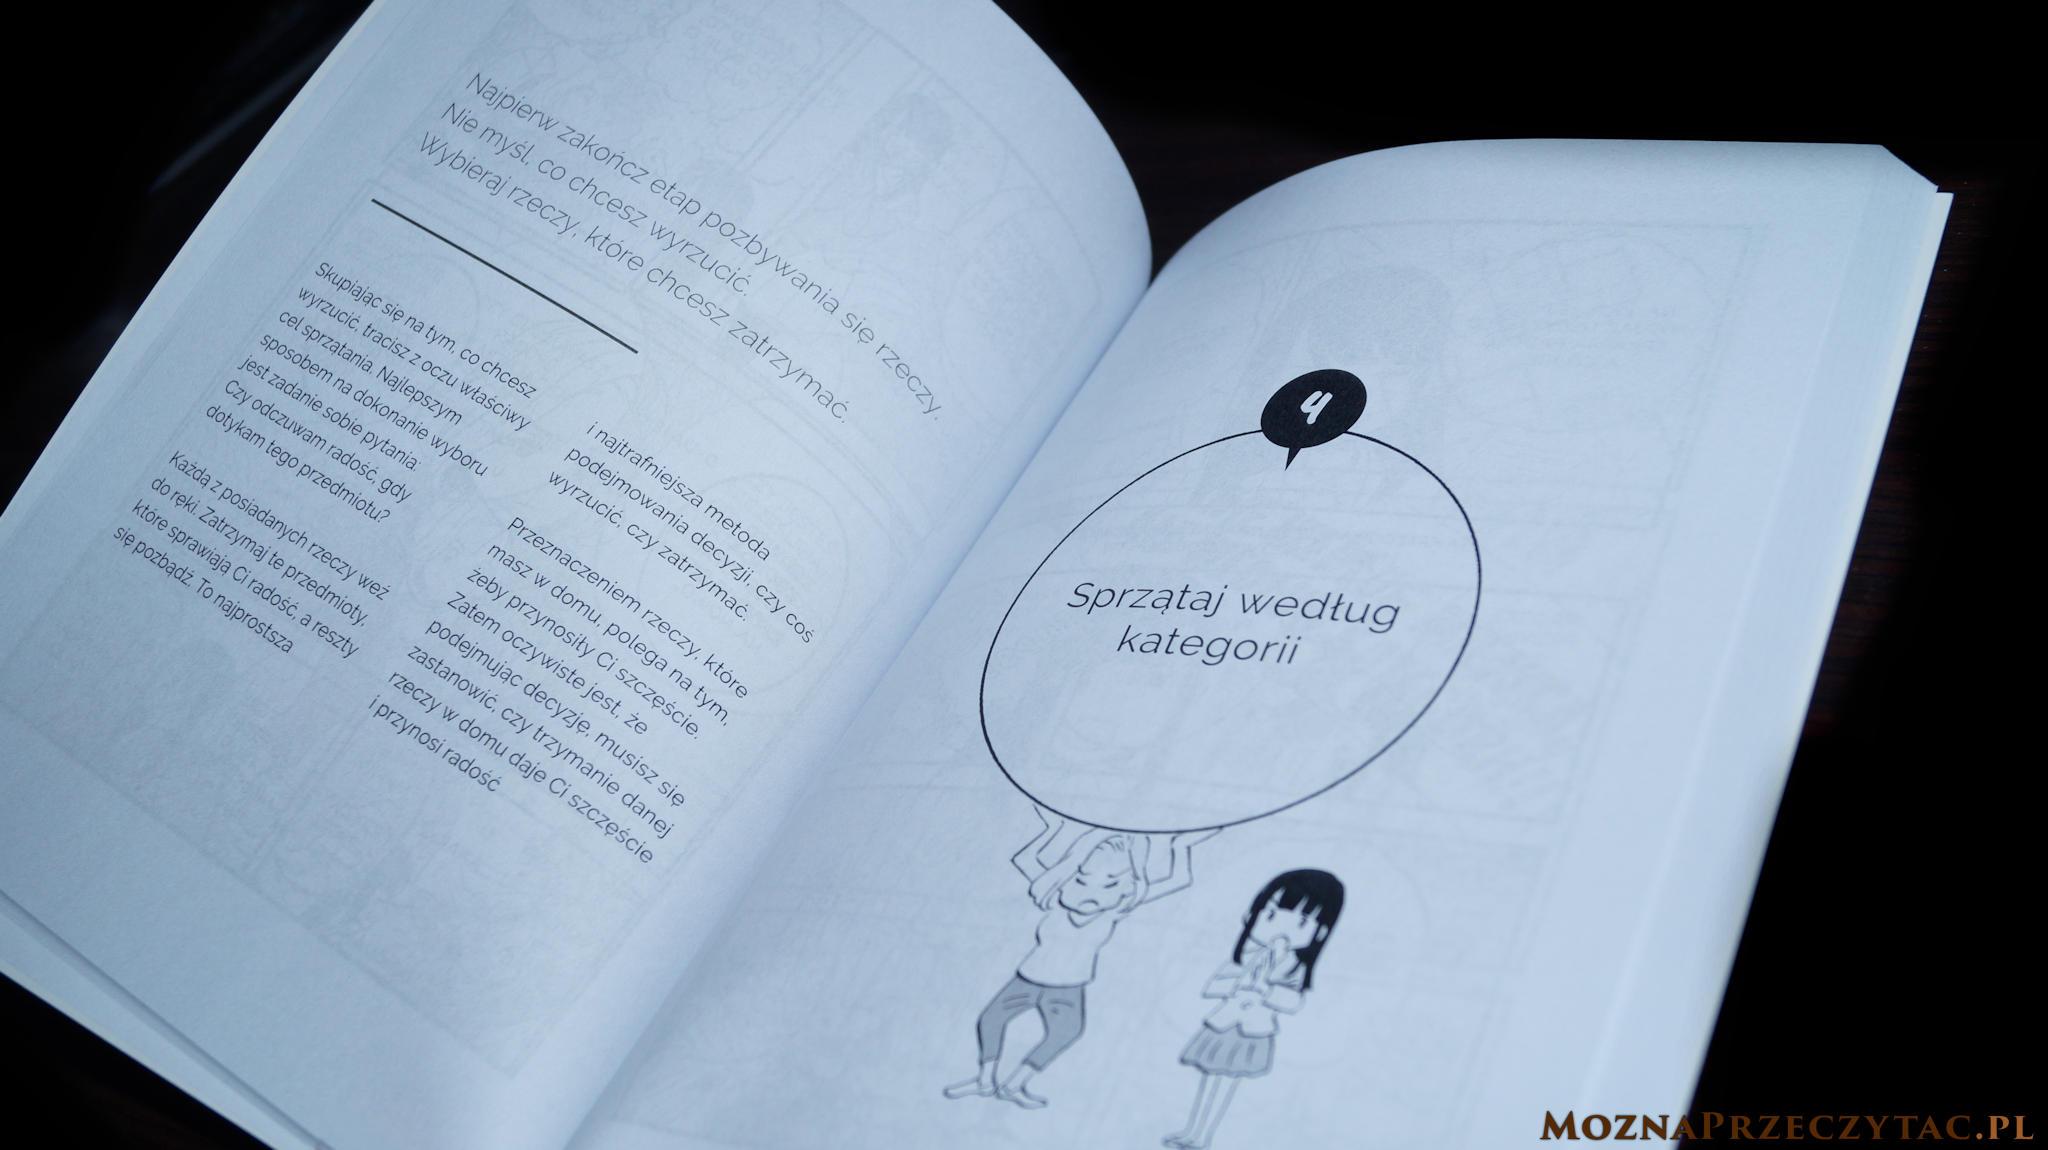 Manga sprzątania. Obrazkowy przewodnik po japońskich porządkach - Marie Kondo